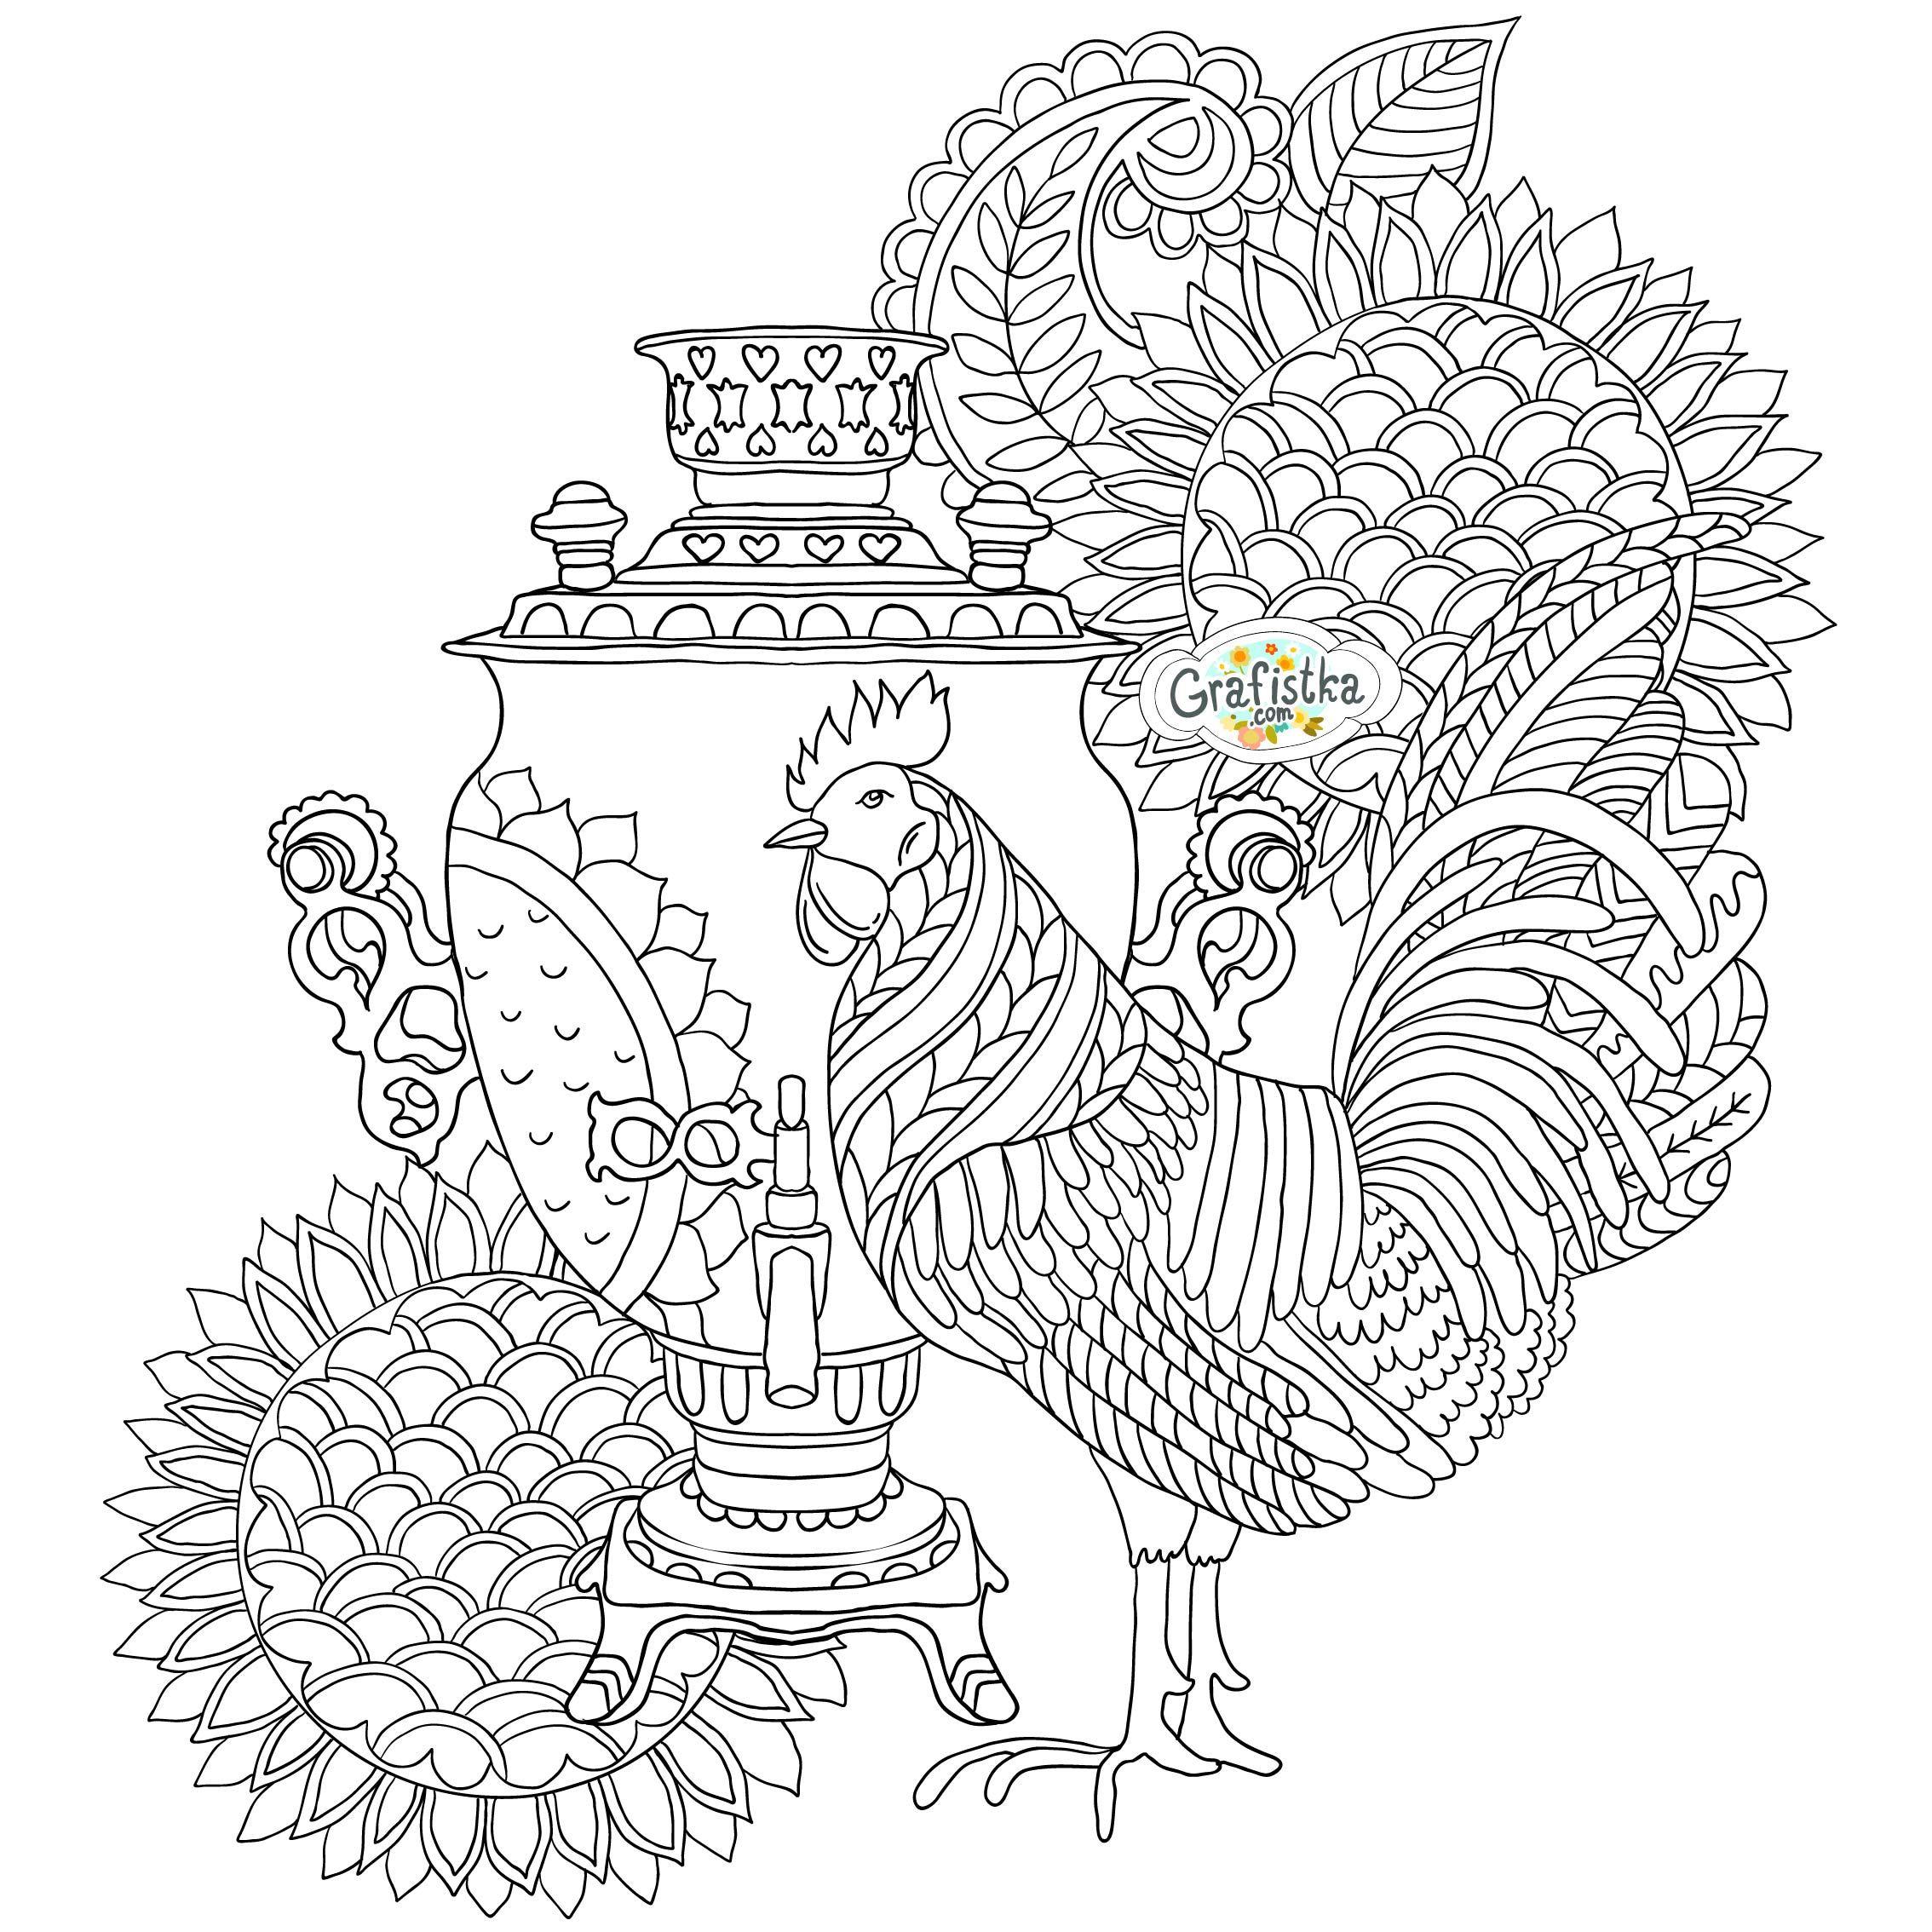 Скачать раскраску с петухом и самоваром | Coloring pages ...